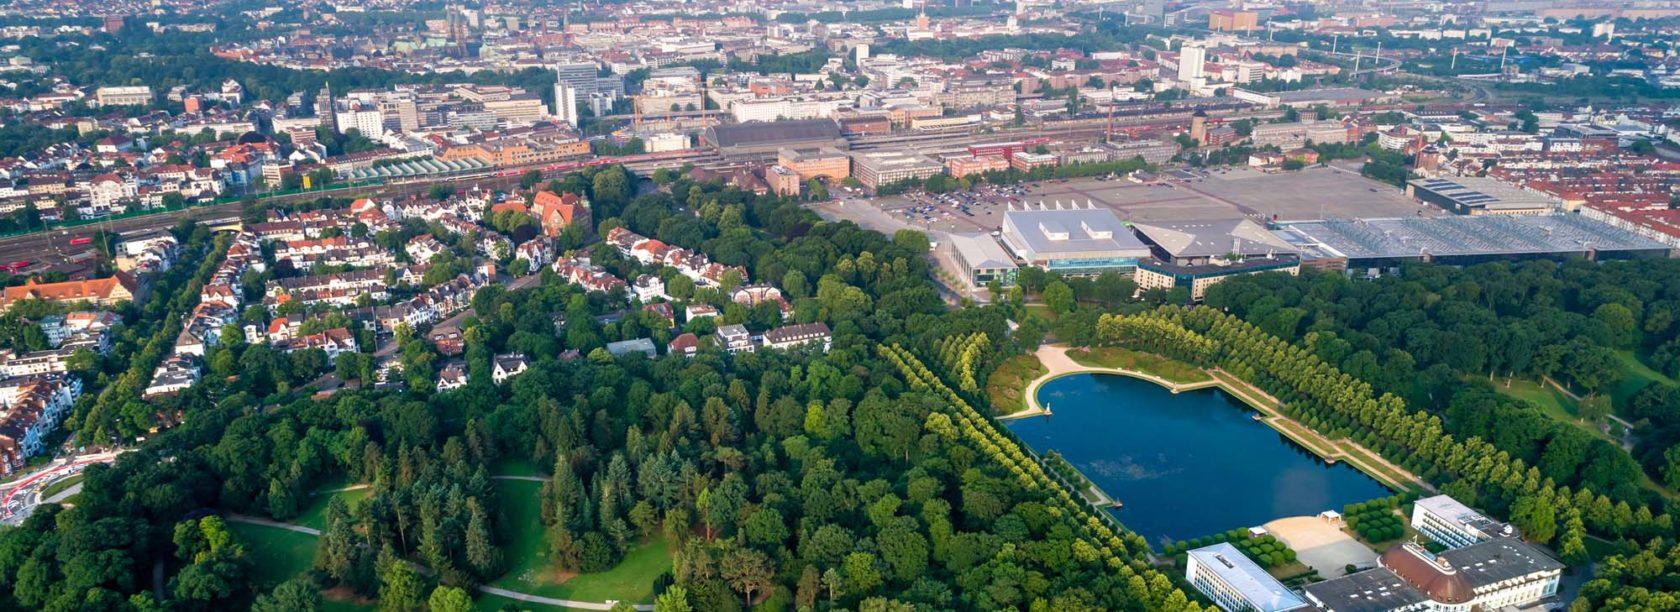 Corona-Soforthilfe Freie Hansestadt Bremen